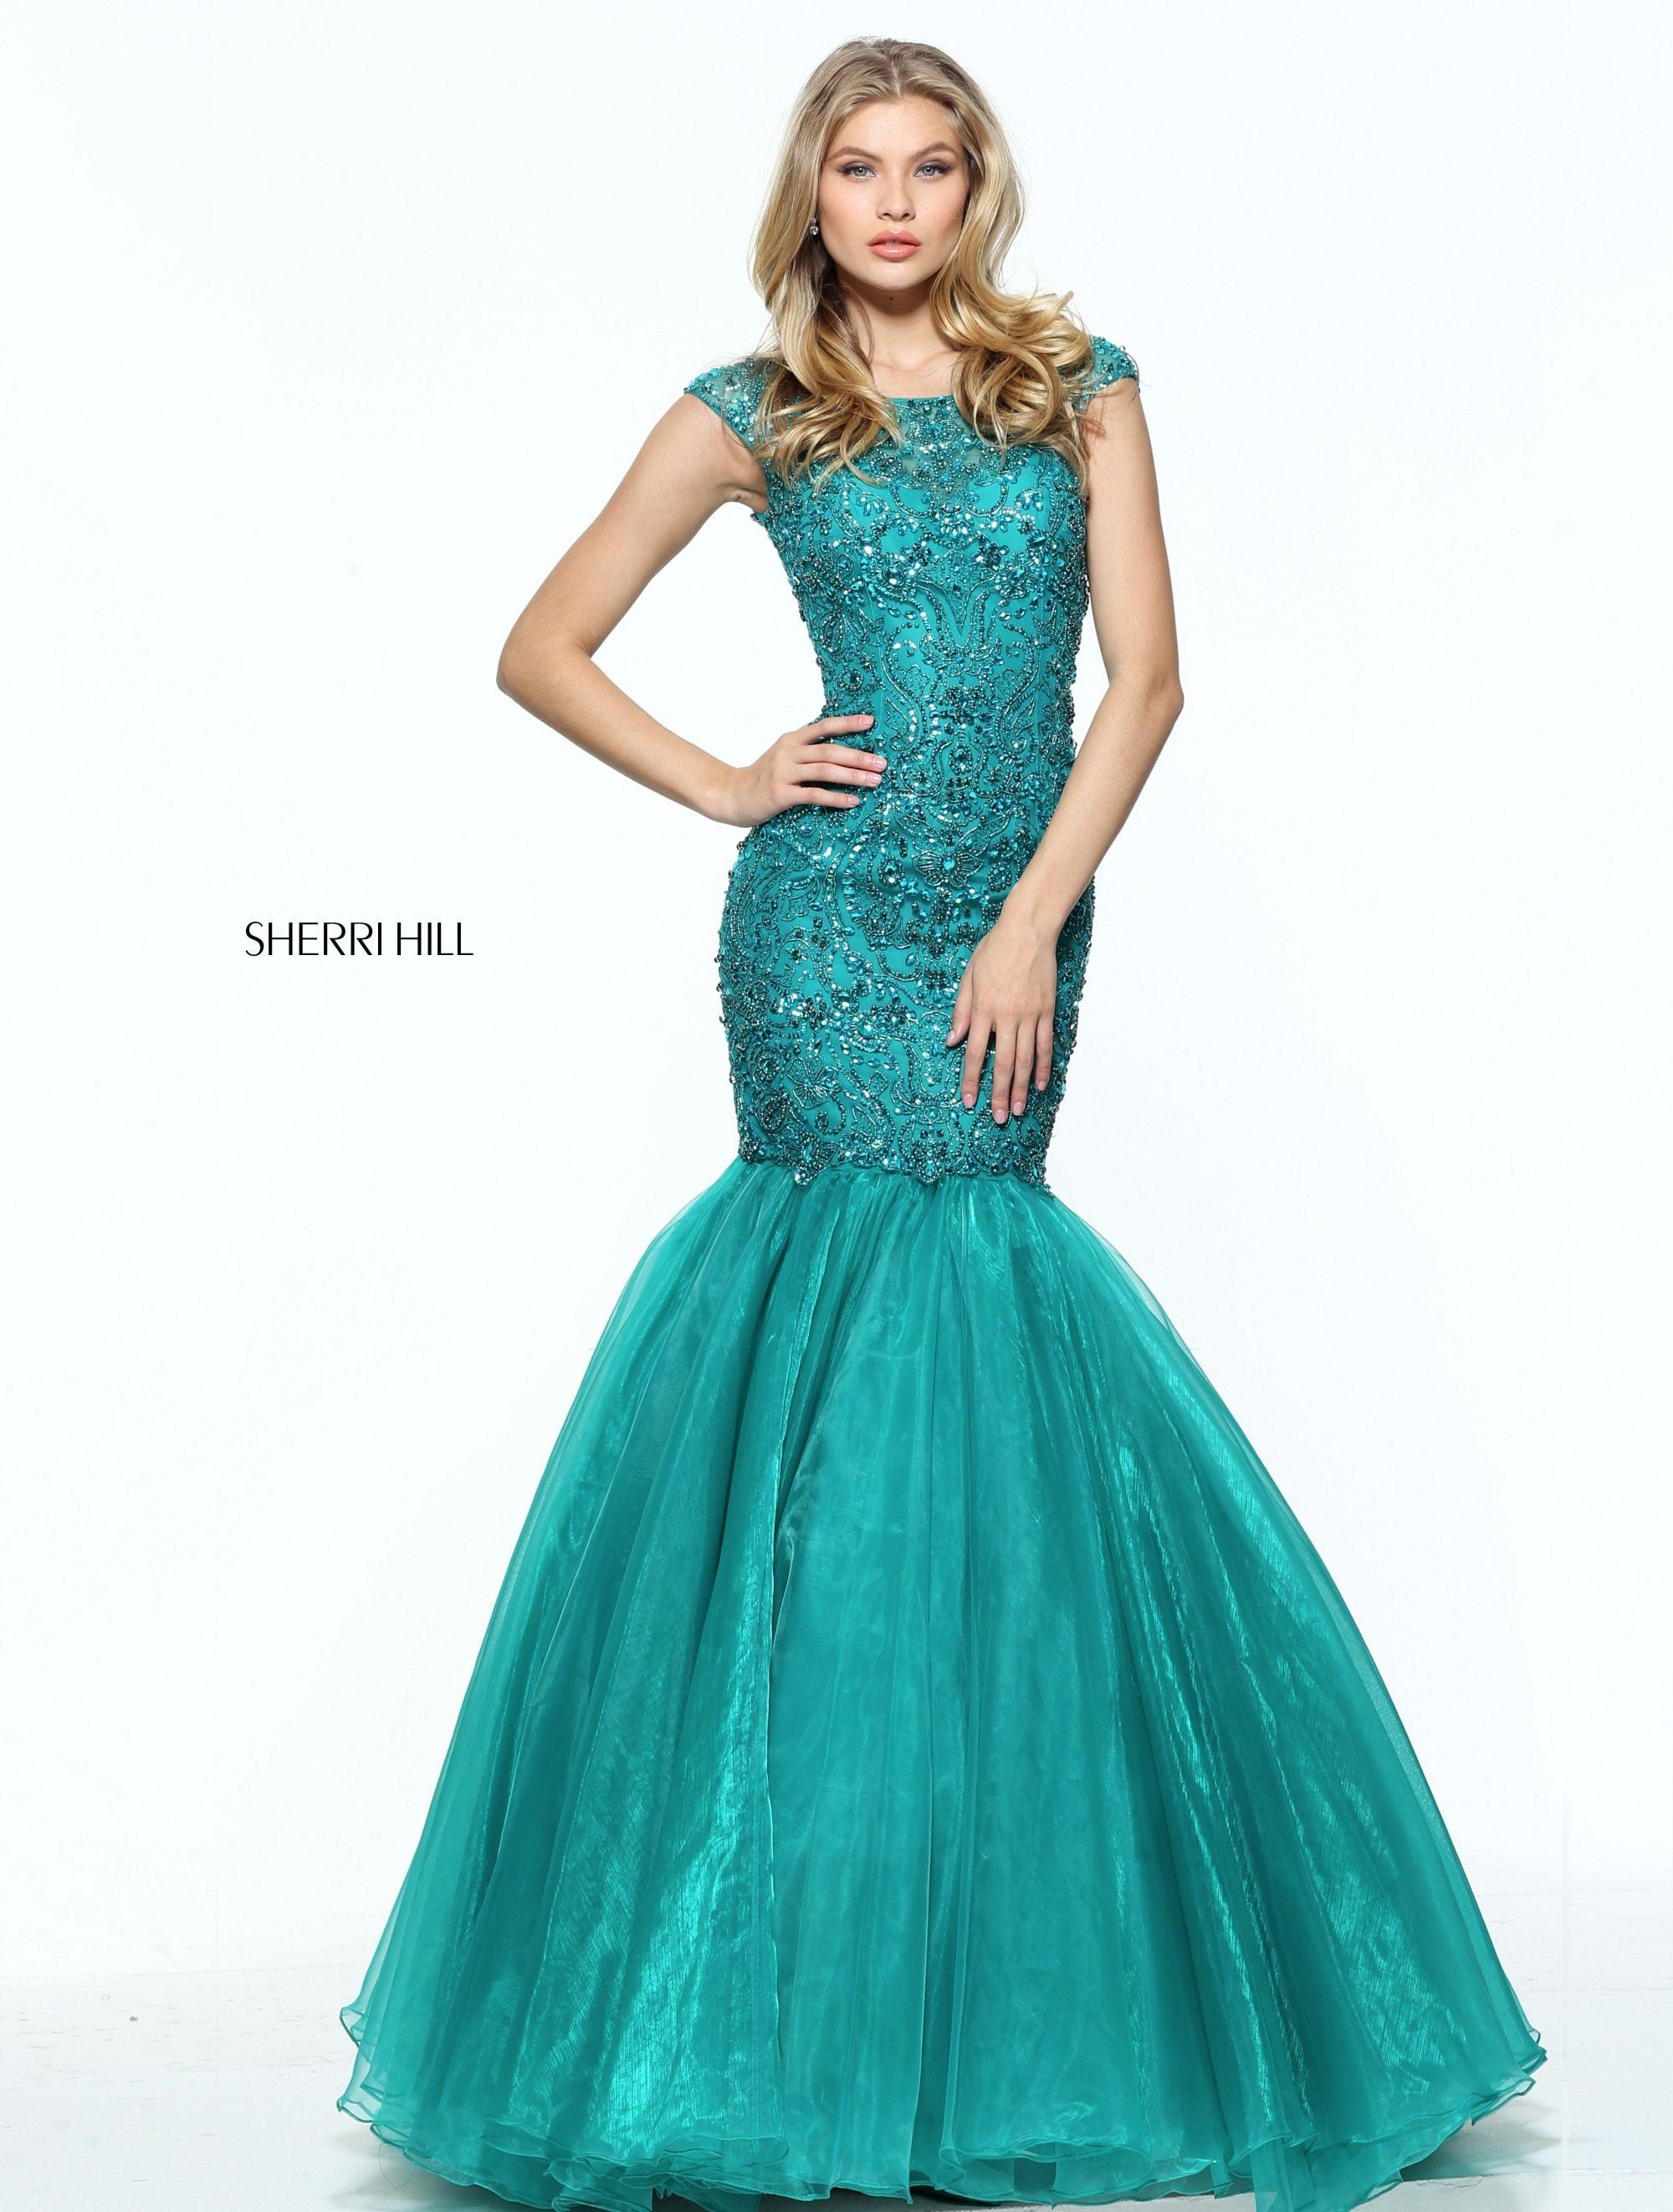 Sherri Hill 50955 - International Prom Association | Sherri Hill ...